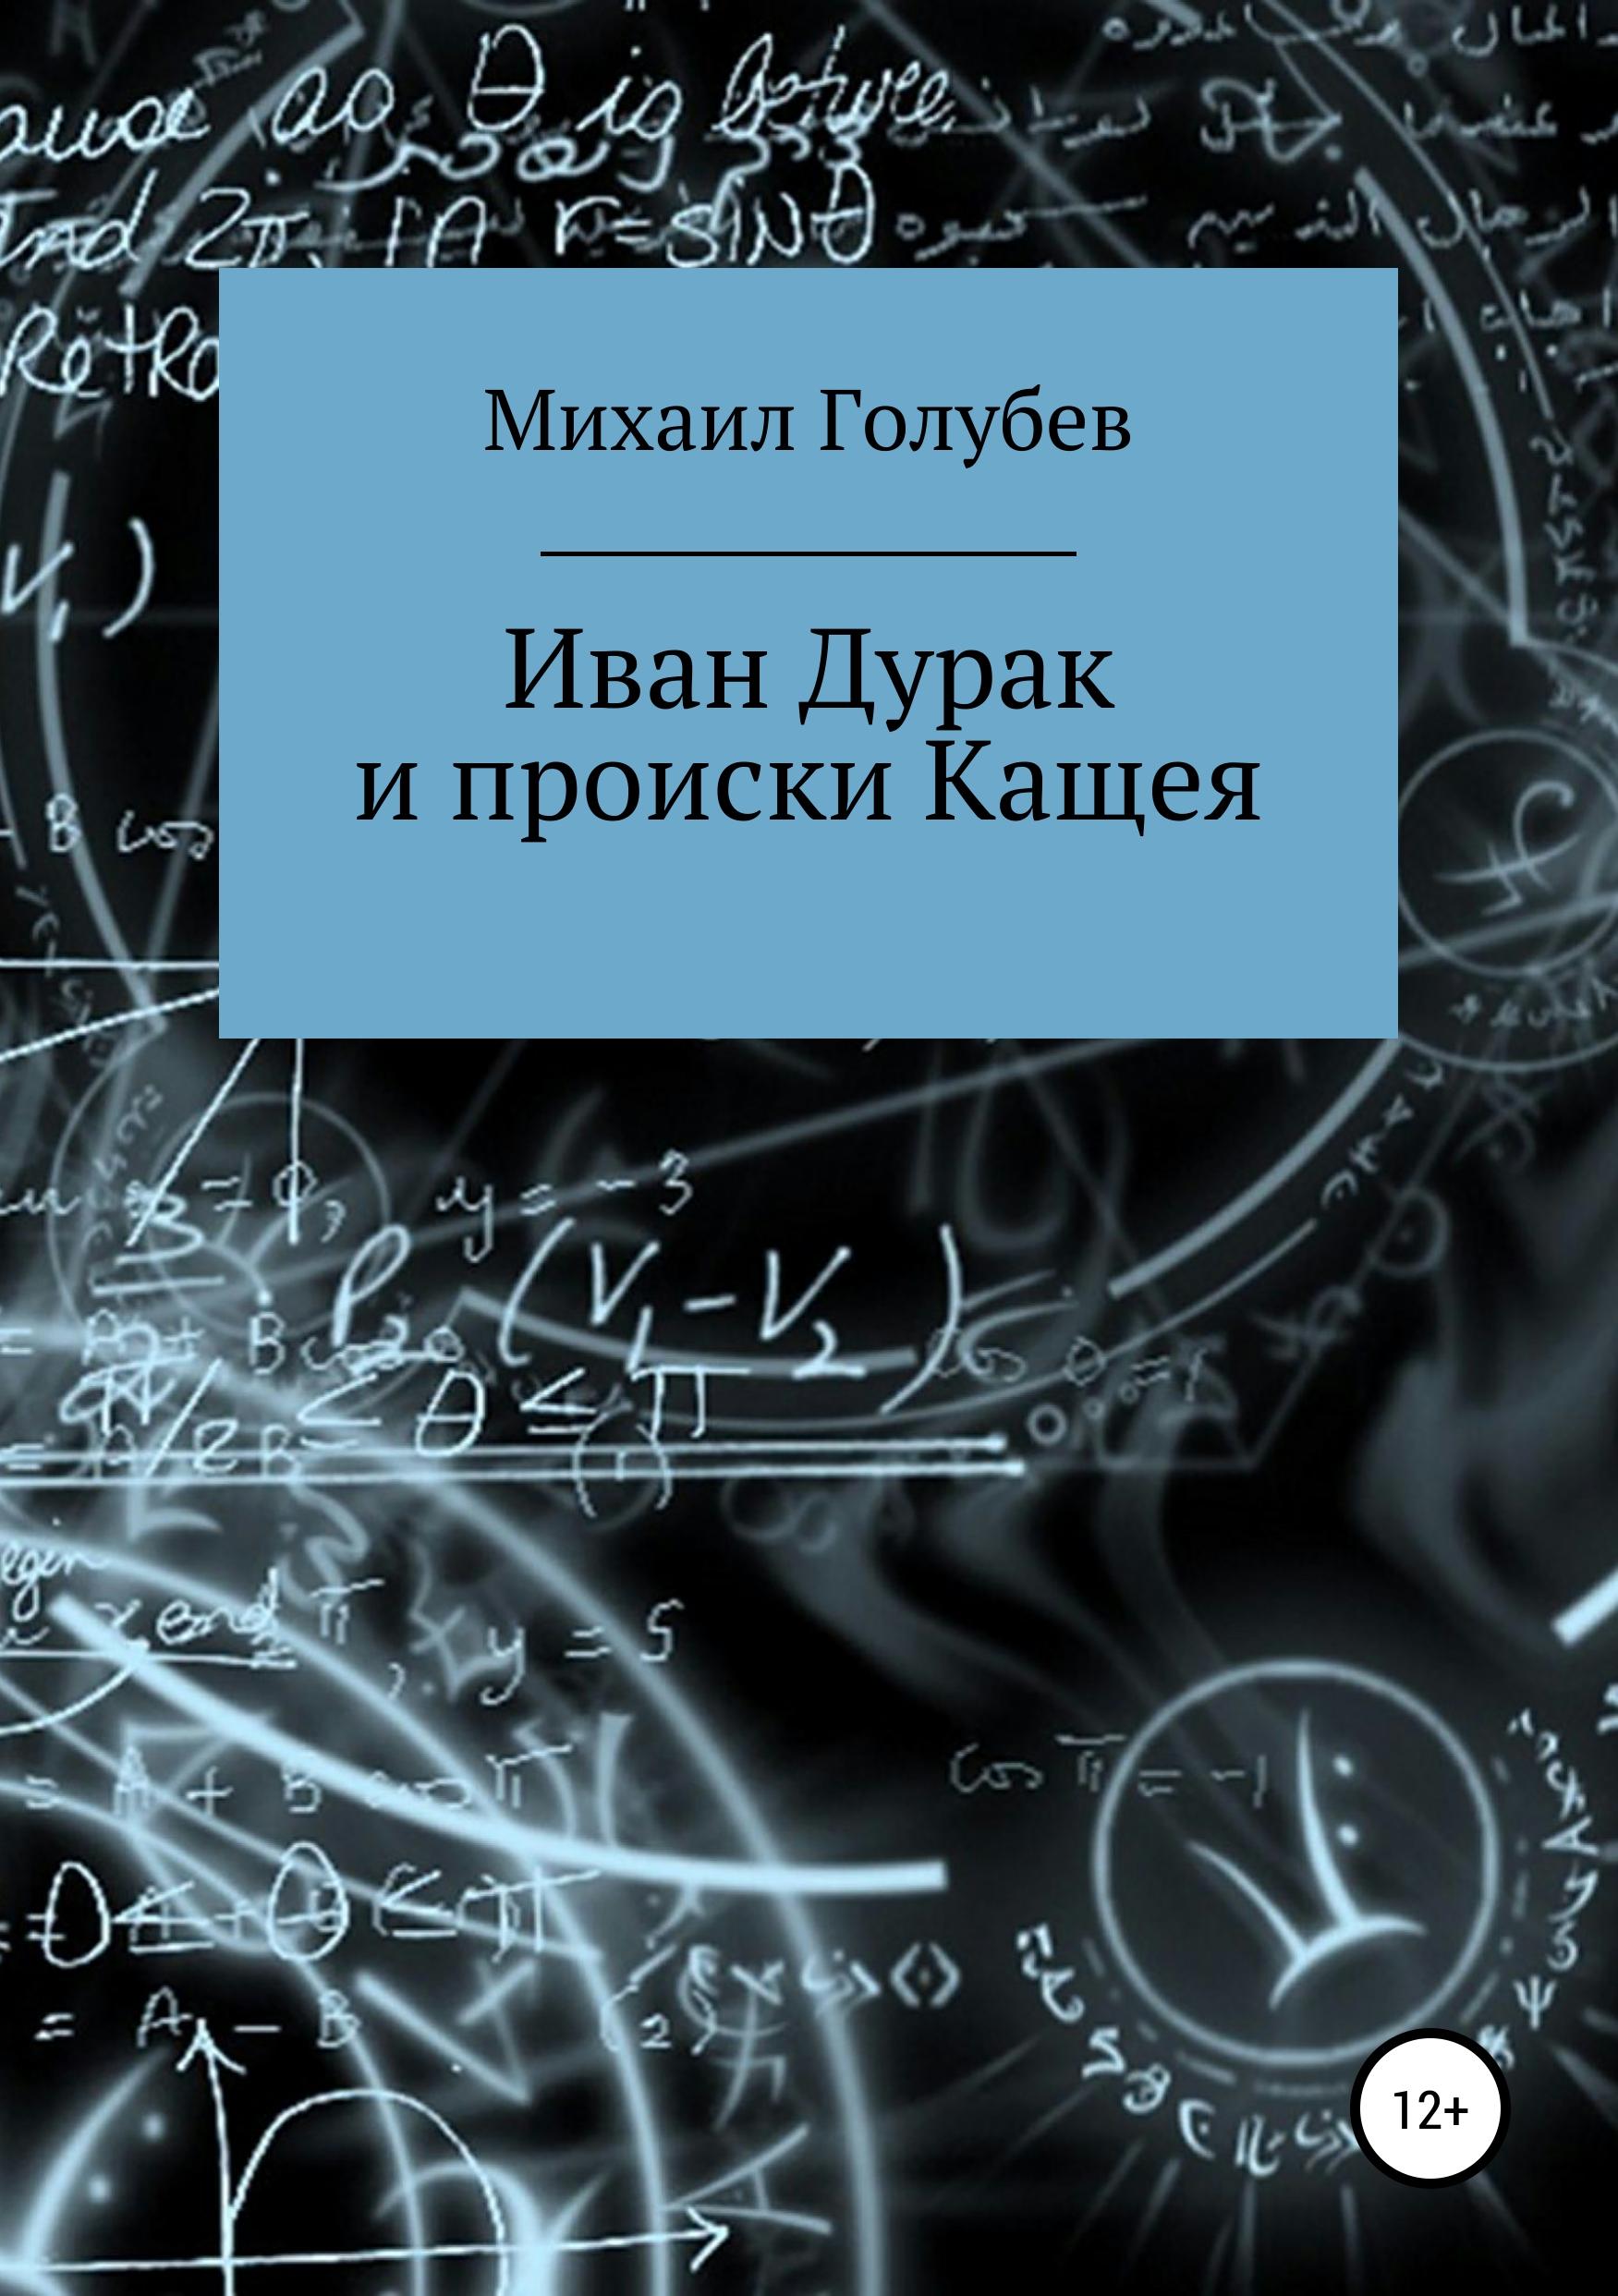 Иван Дурак и происки Кащея